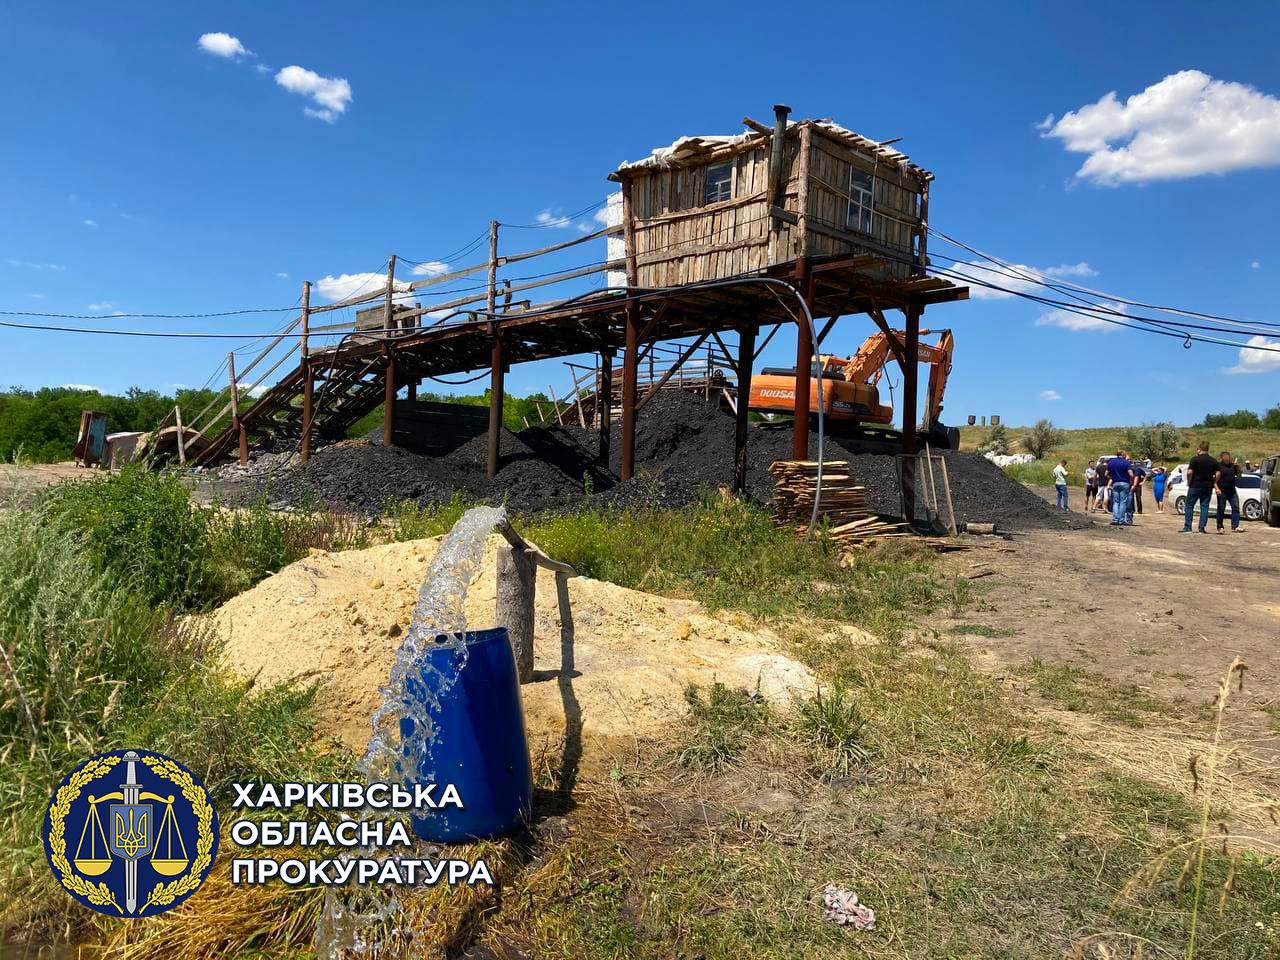 Тайную шахту нашли правоохранители в Харьковской области. ФОТО, ВИДЕО | Первая Столица Харьков